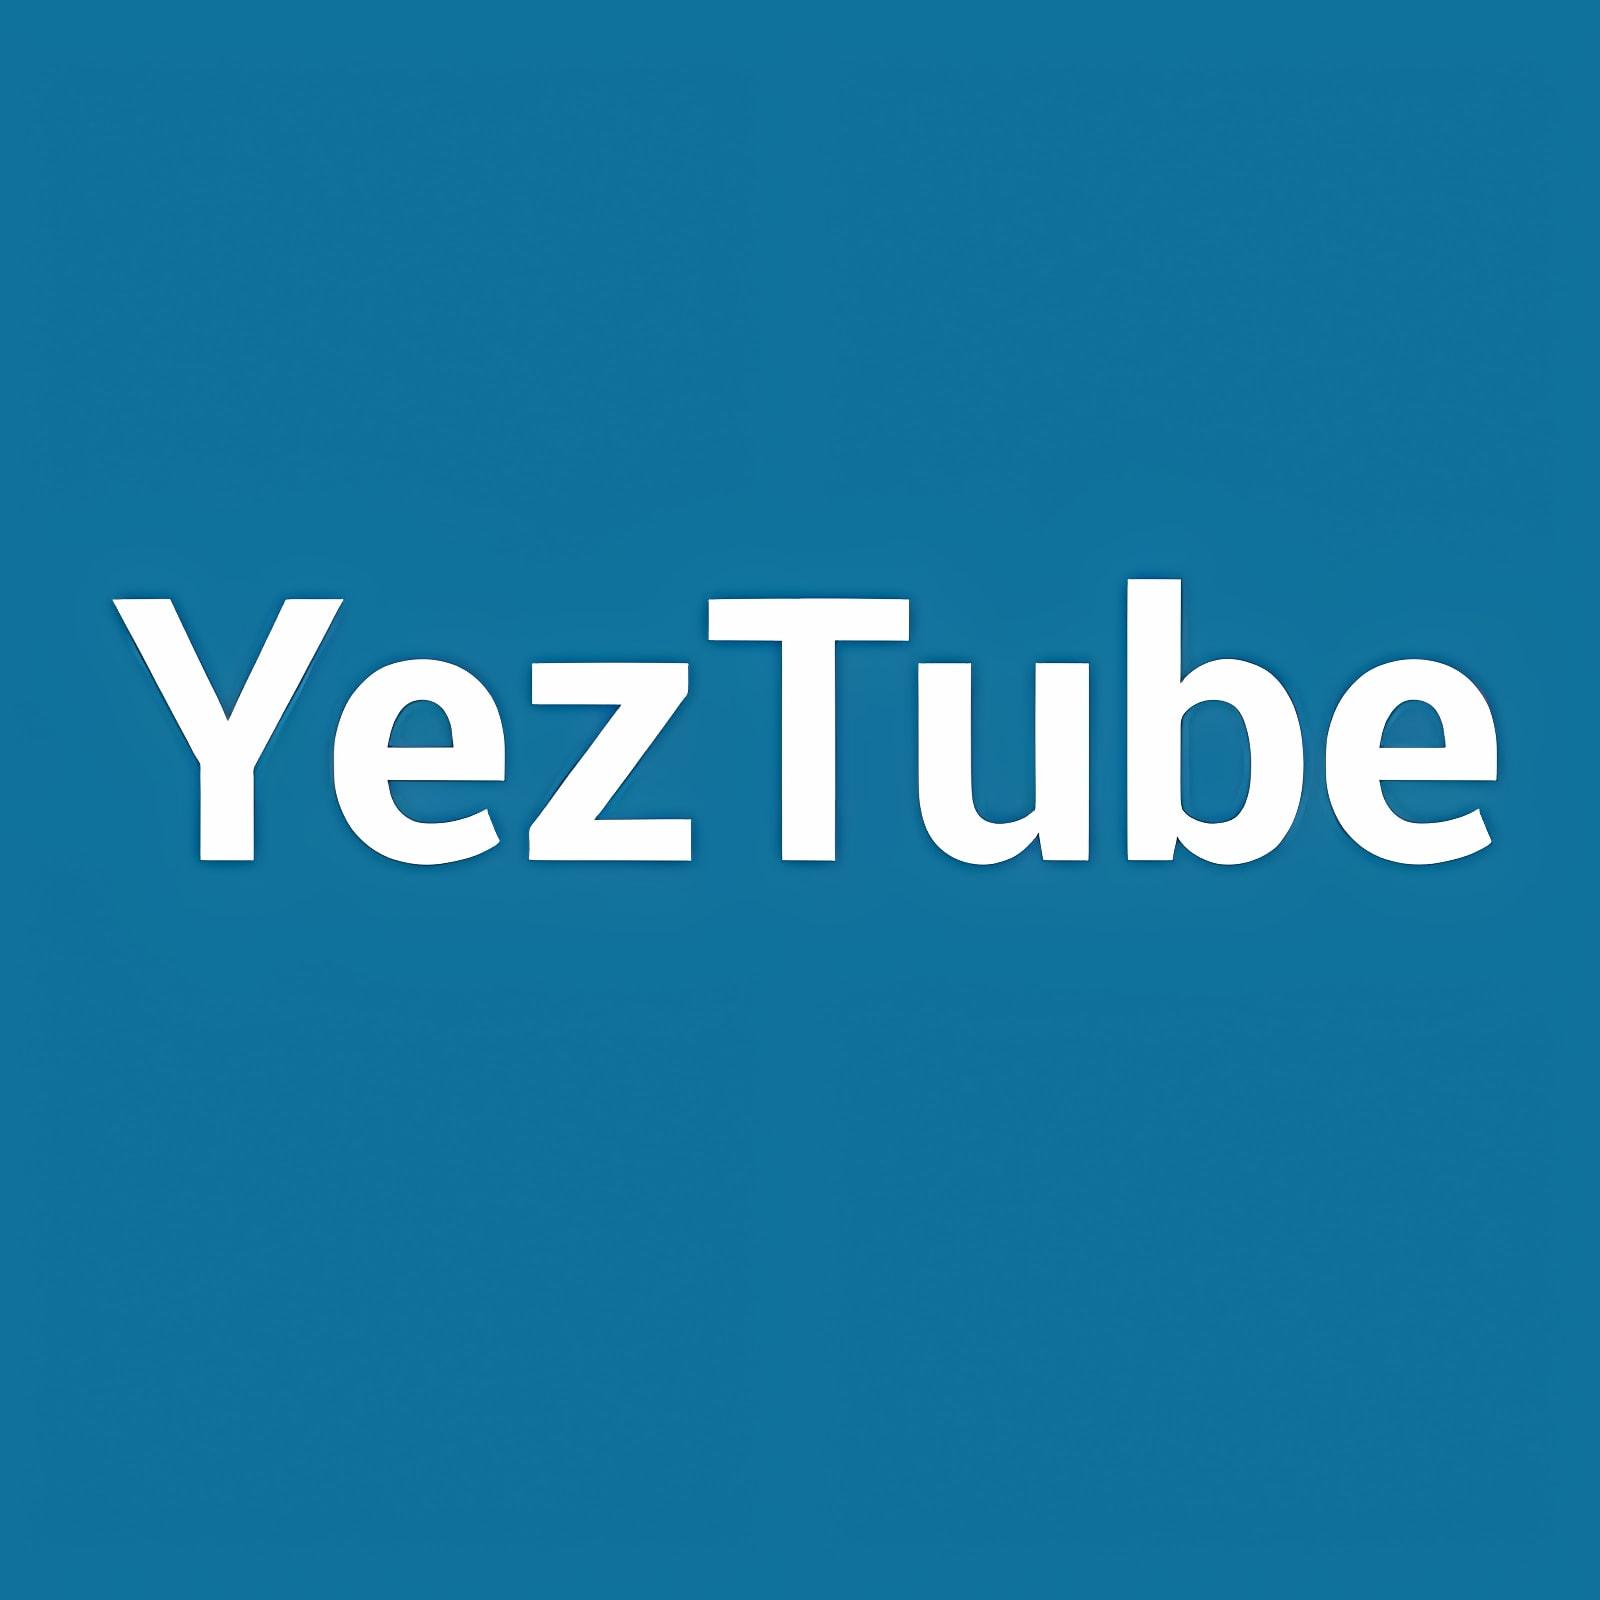 YezTube